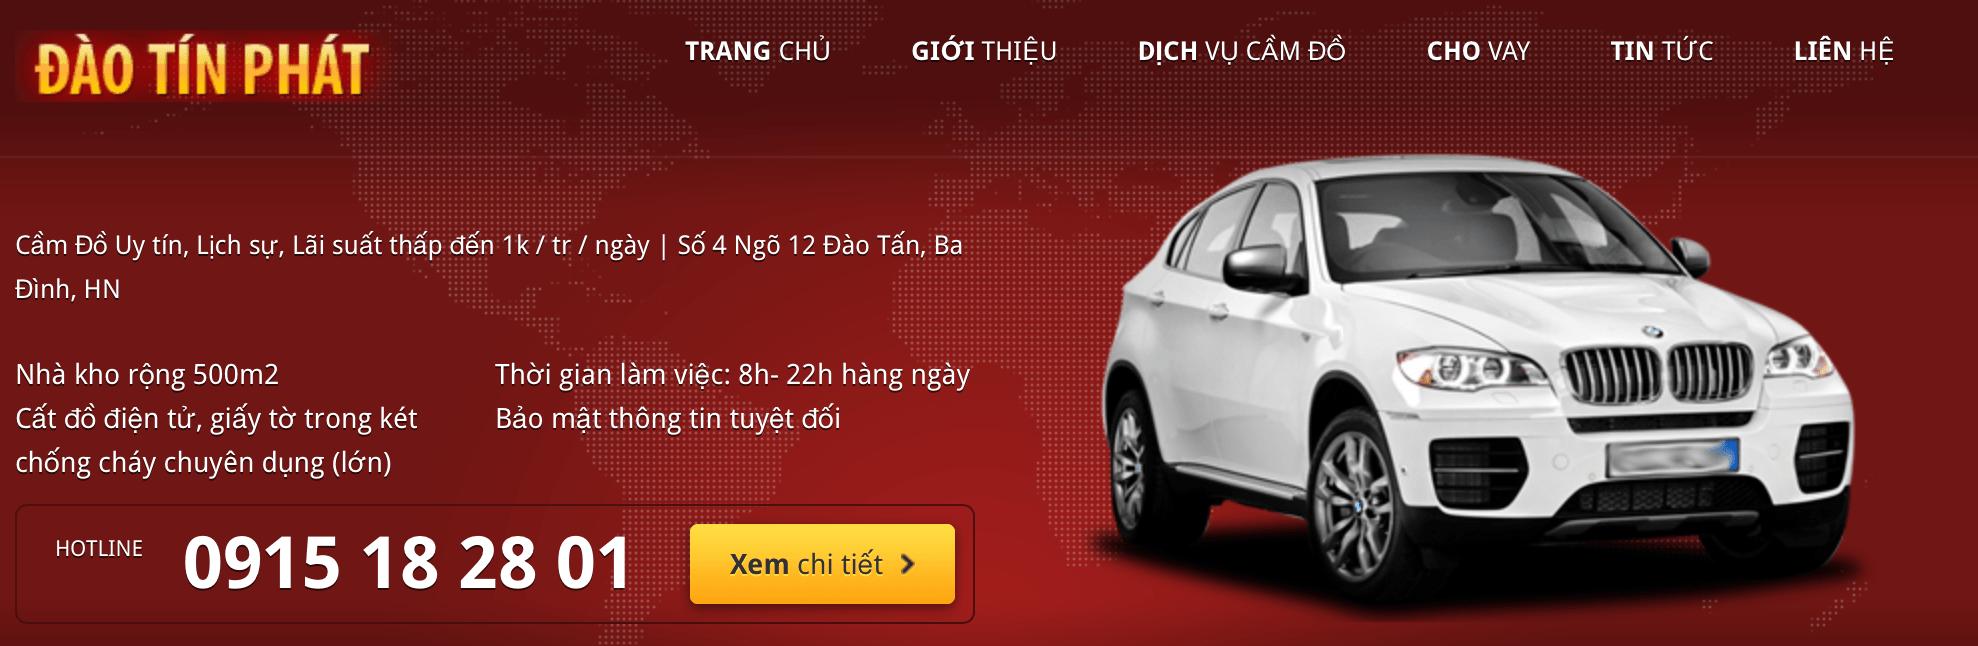 Đào Tín Phát - Hà Nội